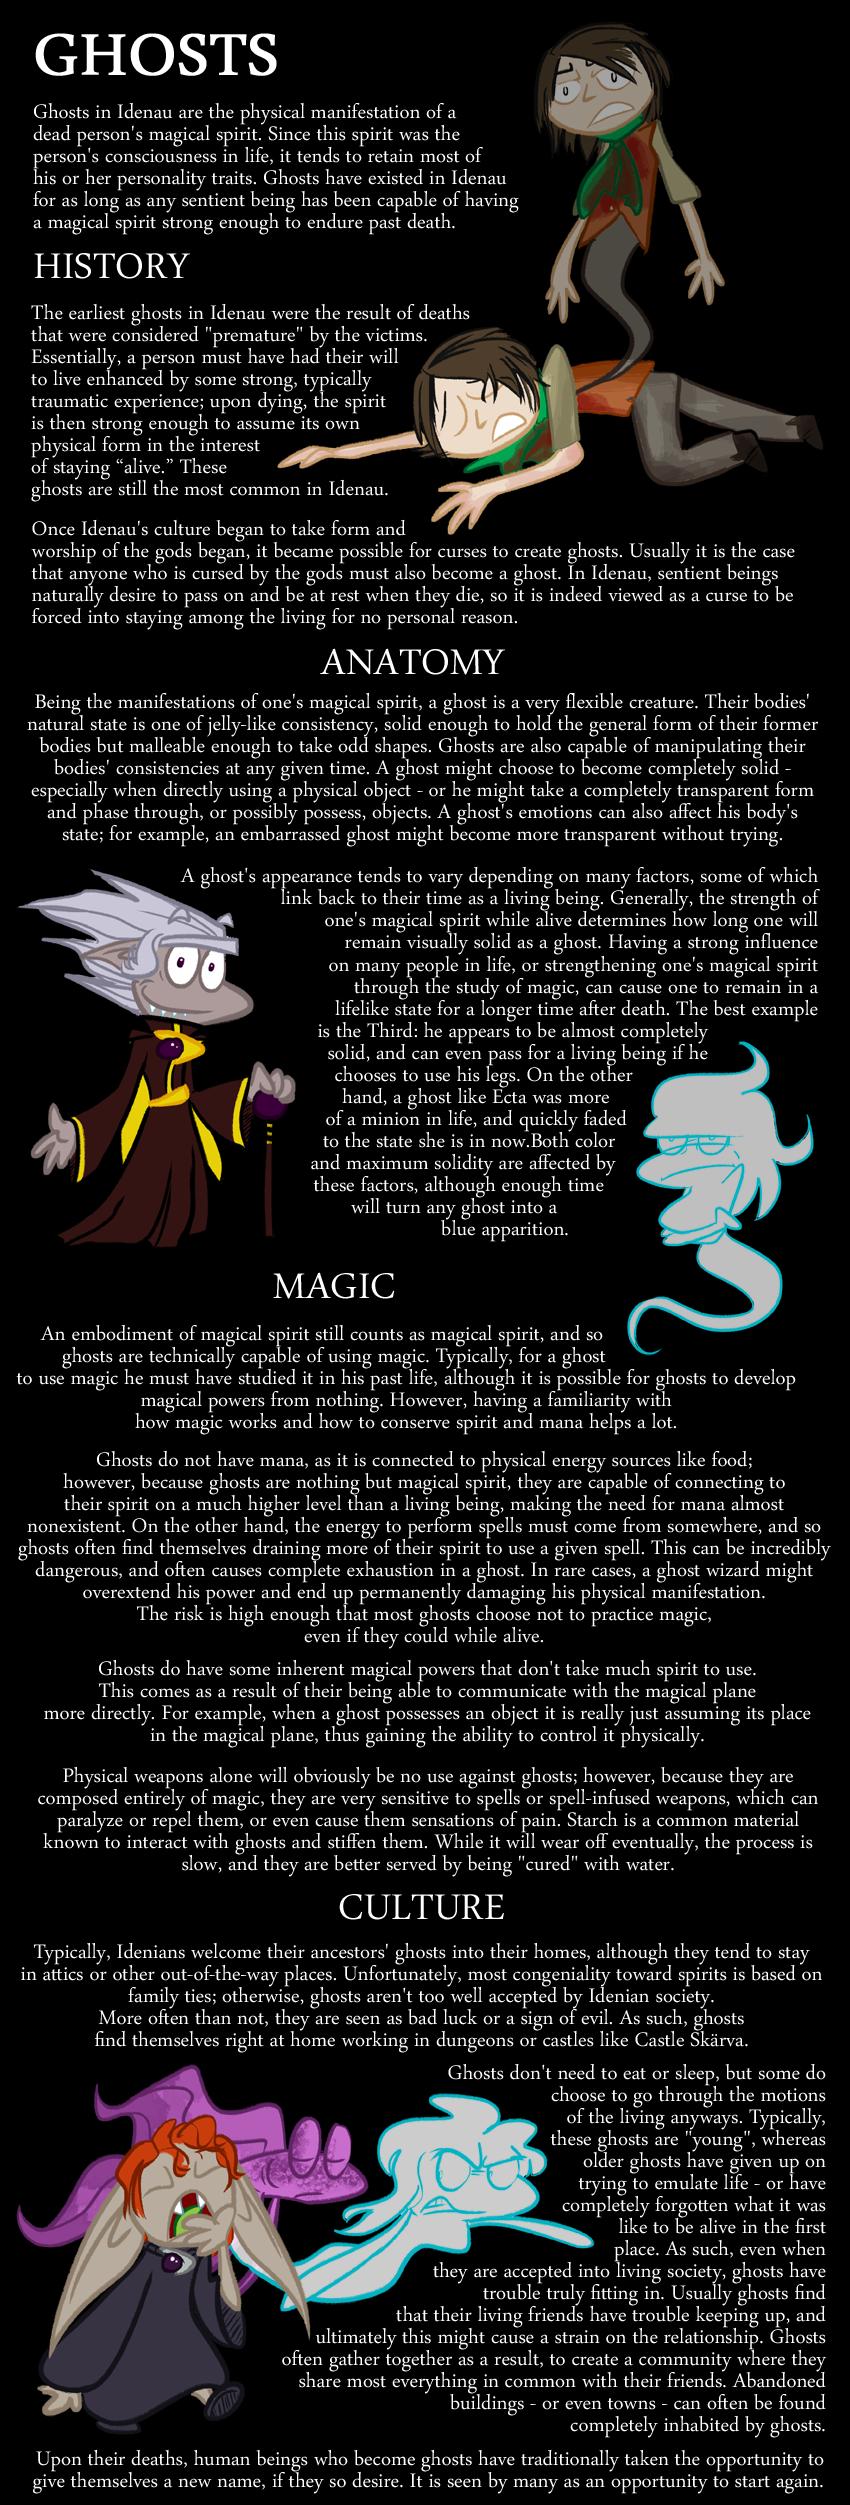 Encyclopedia of Idenau: Ghosts